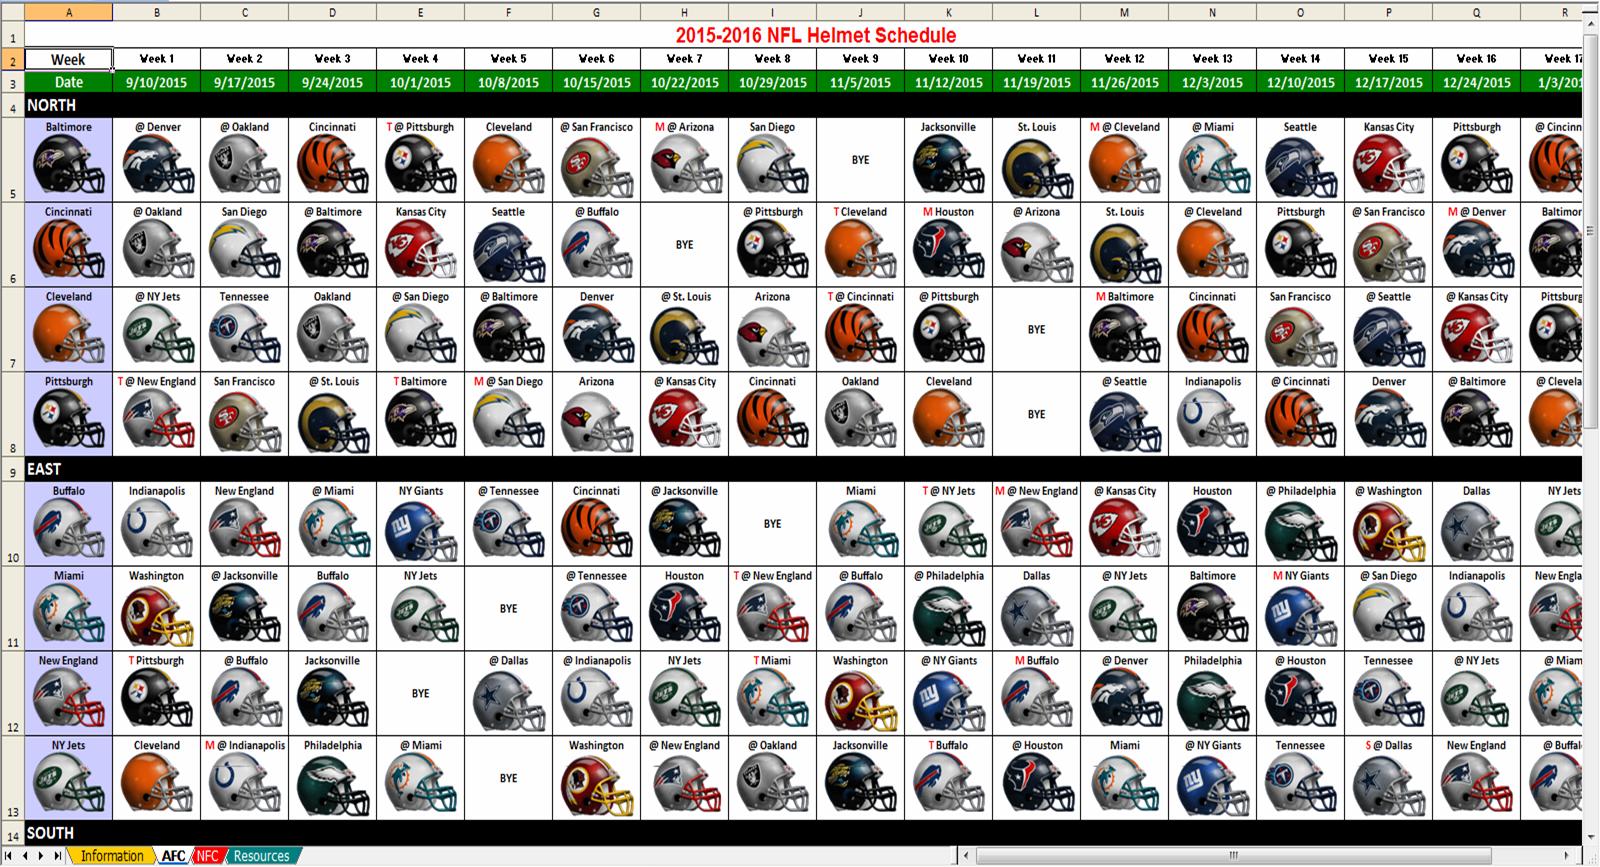 Excel Spreadsheets Help: 2015 NFL Helmet Schedule Spreadsheet